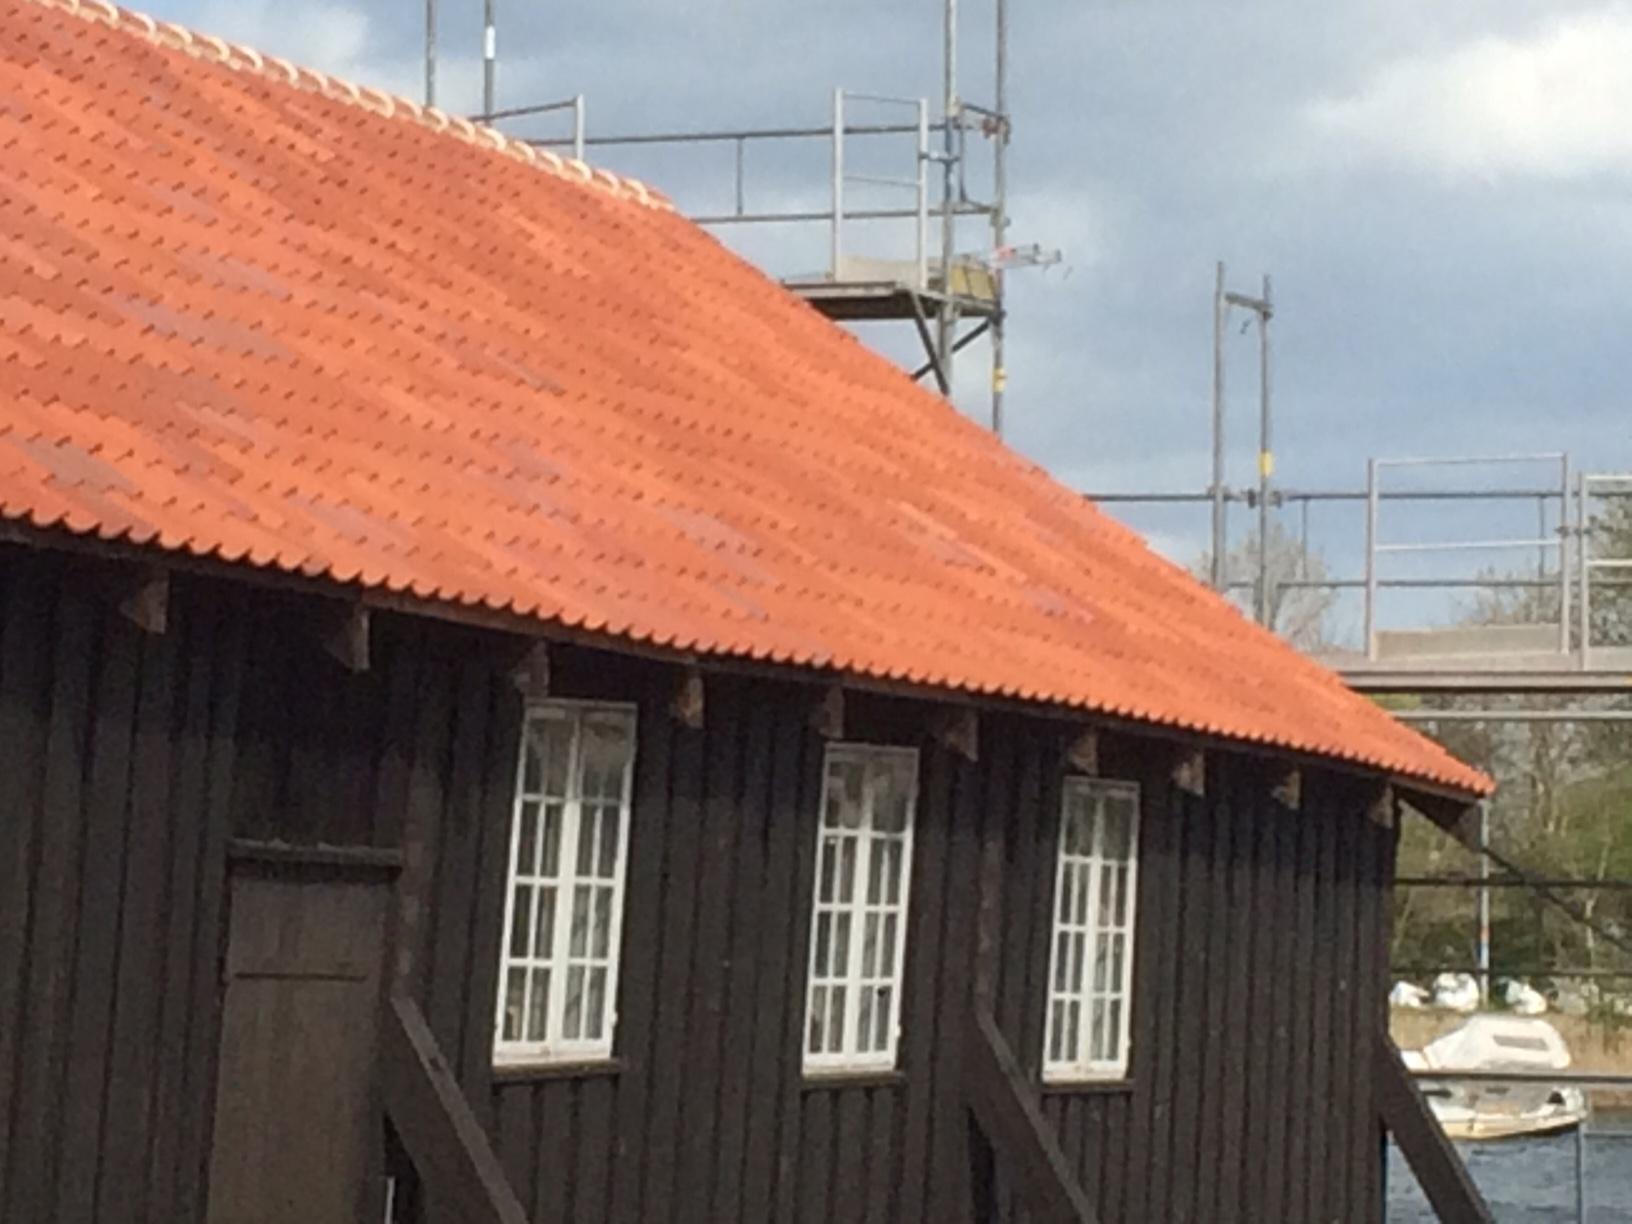 Kaononenboot, Dania